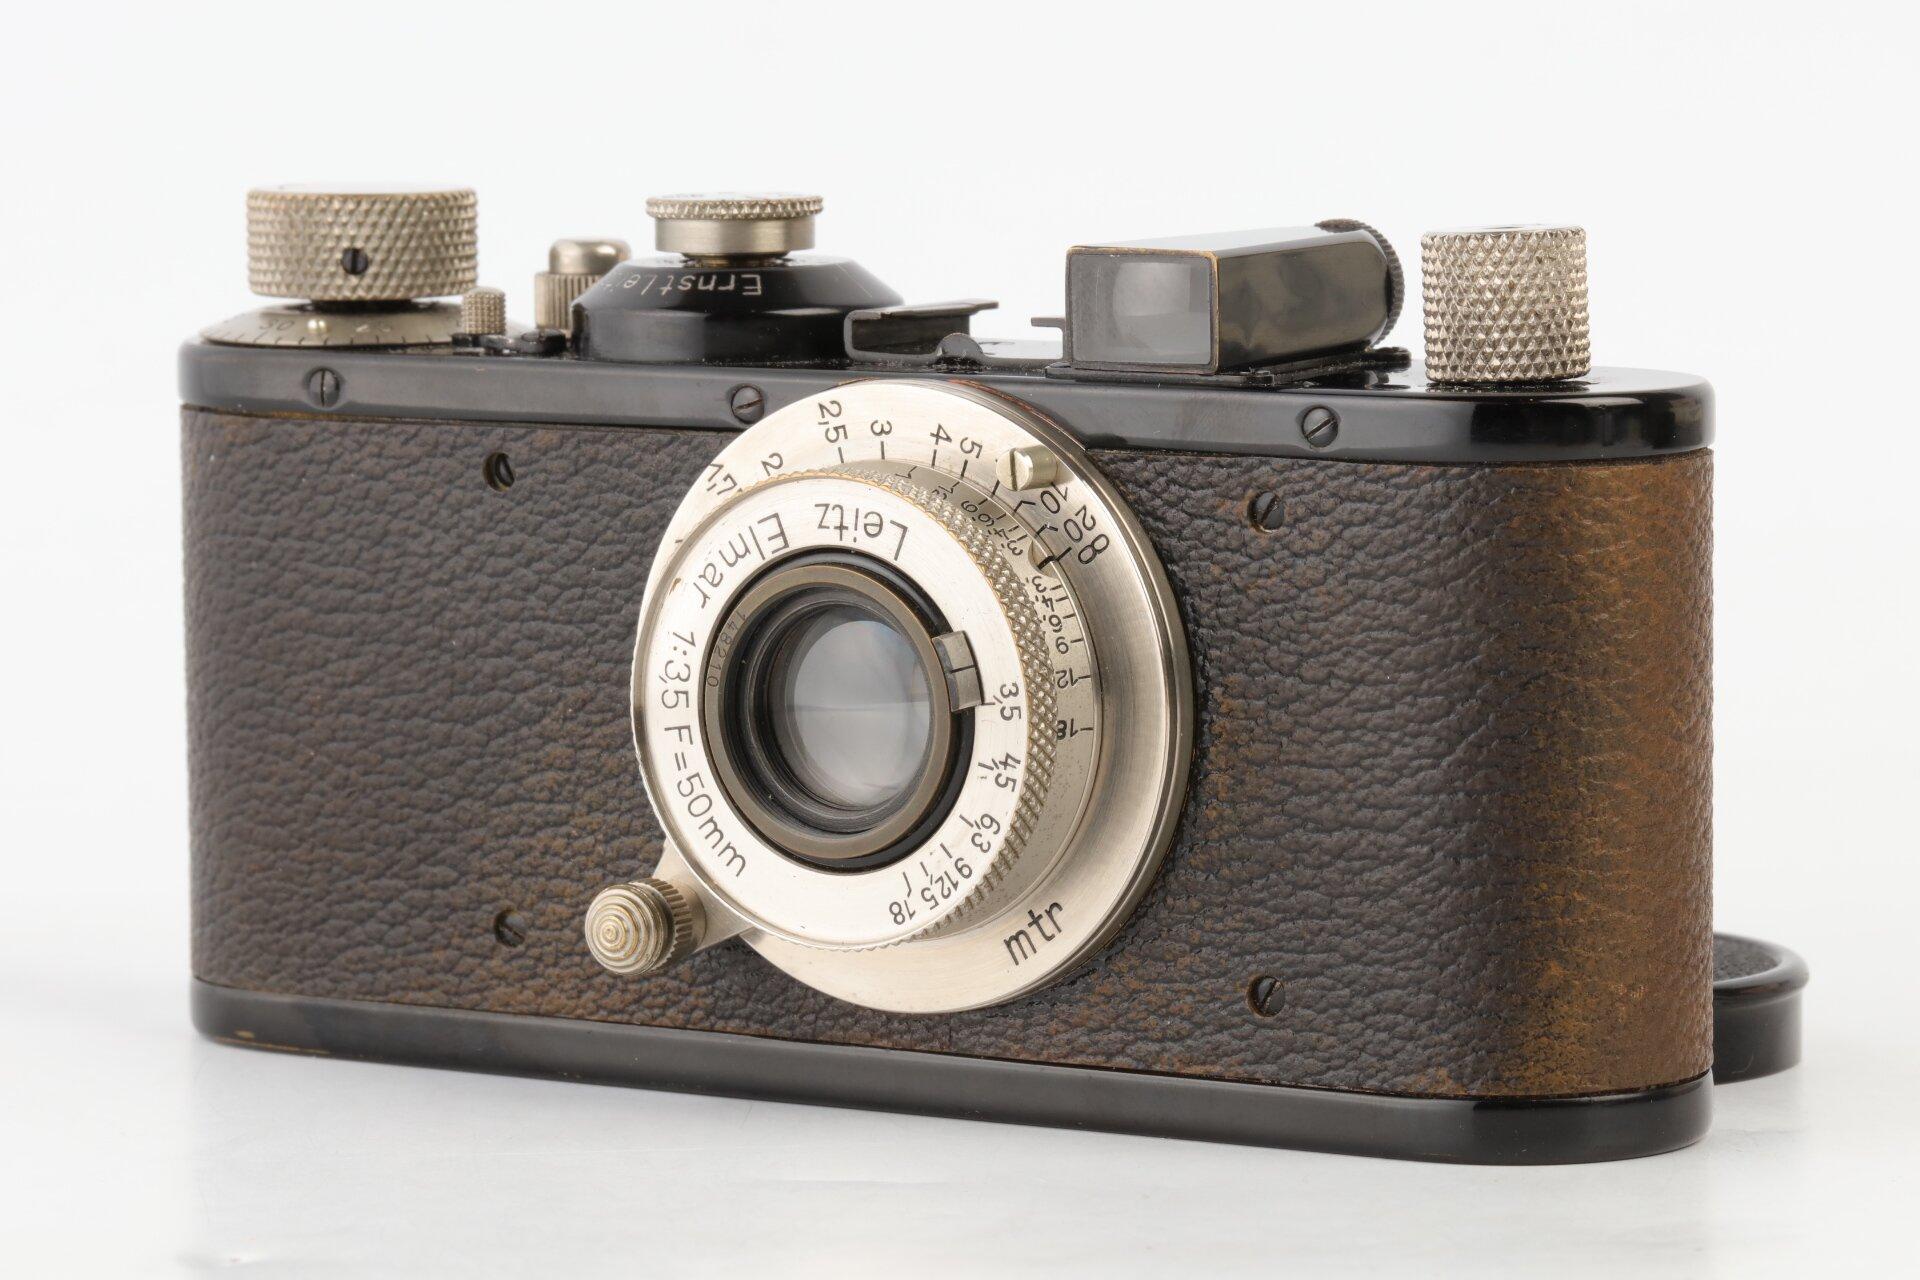 Leica Standard schwarz Leitz Elmar 3,5/50mm